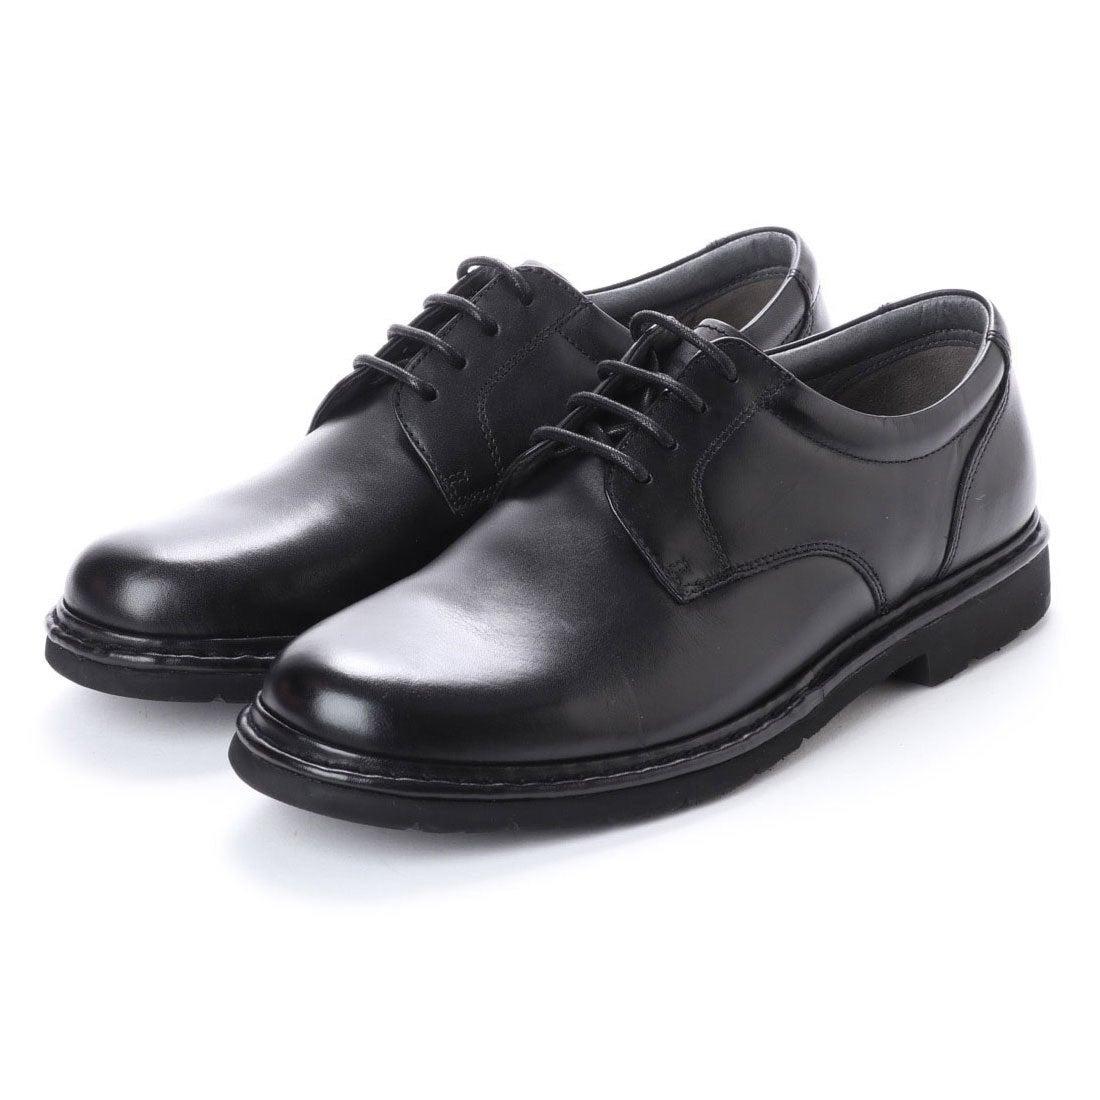 60c48456c17f3 シティ ゴルフ City Golf ビジネスシューズ GF921 (ブラック) -靴&ファッション通販 ロコンド〜自宅で試着、気軽に返品